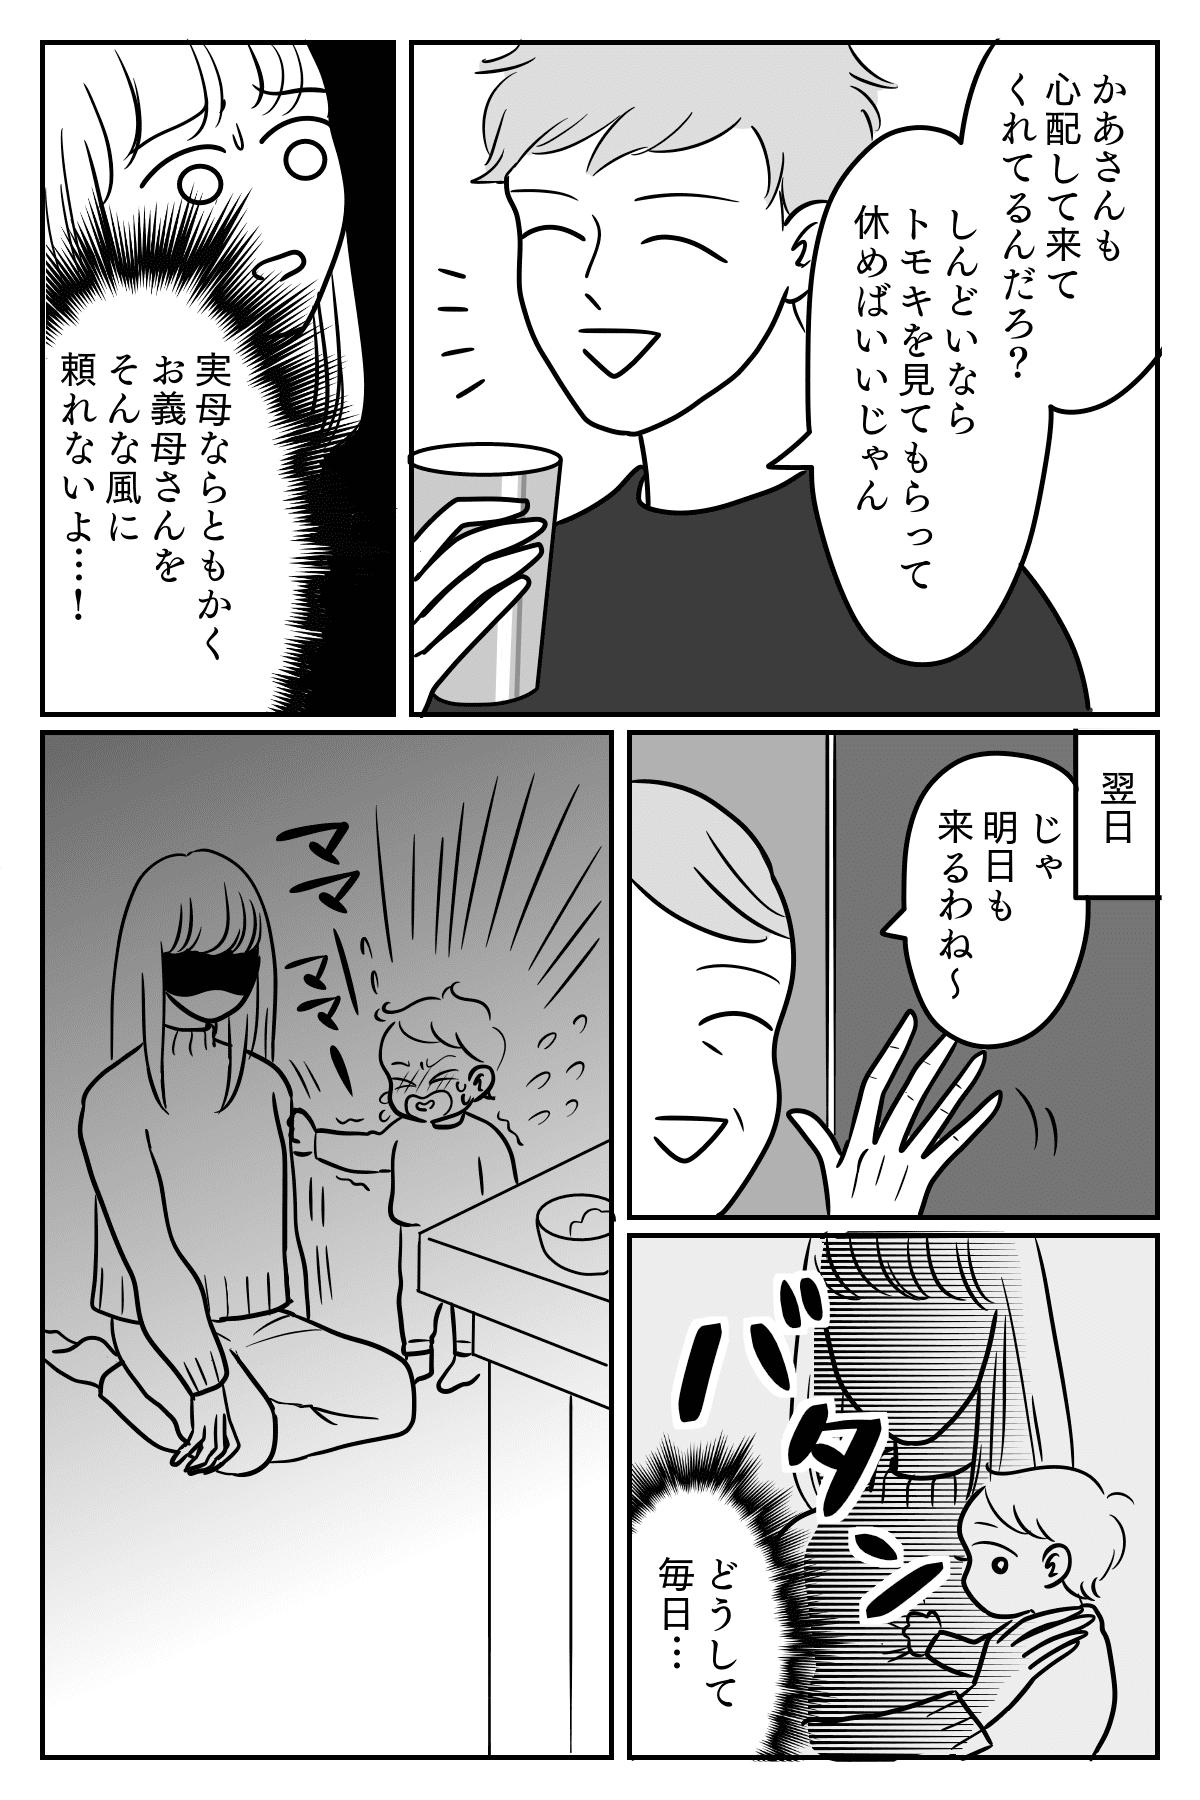 【前編:ママの気持ち】